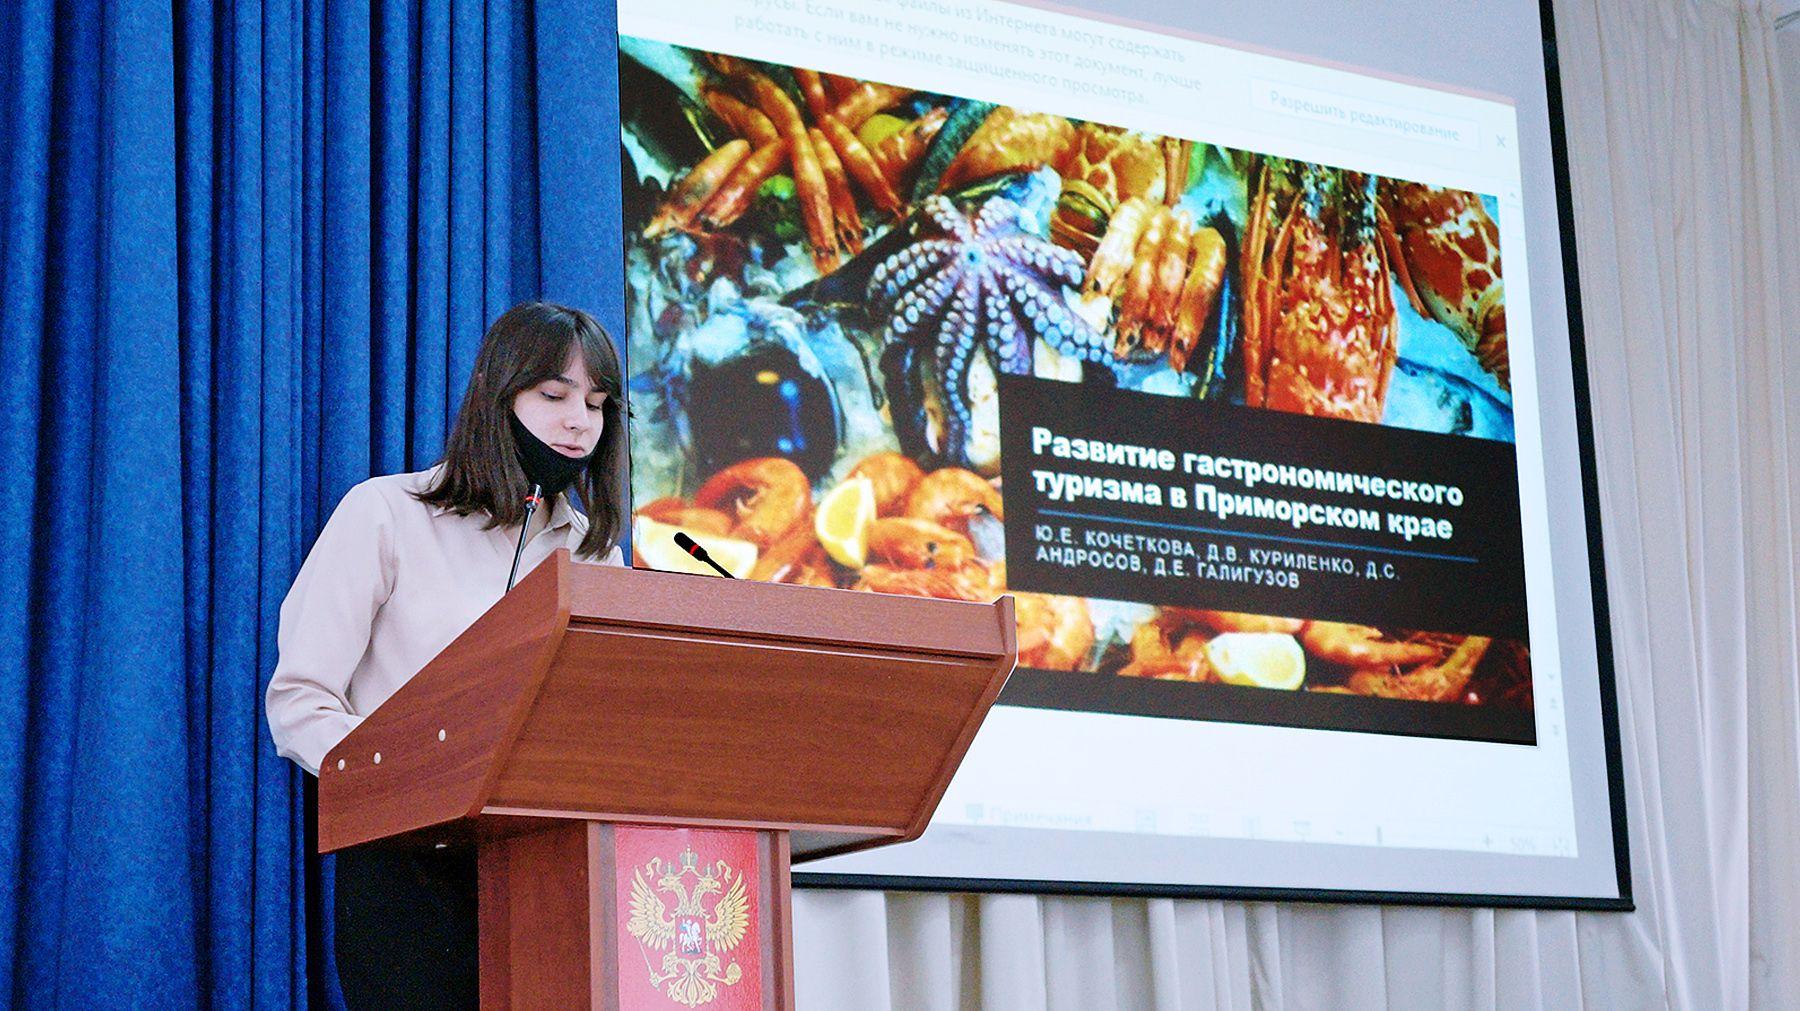 Студенты ВГУЭС стали победителями III Всероссийской научно-практической конференции студентов «Владивосток – Москва»